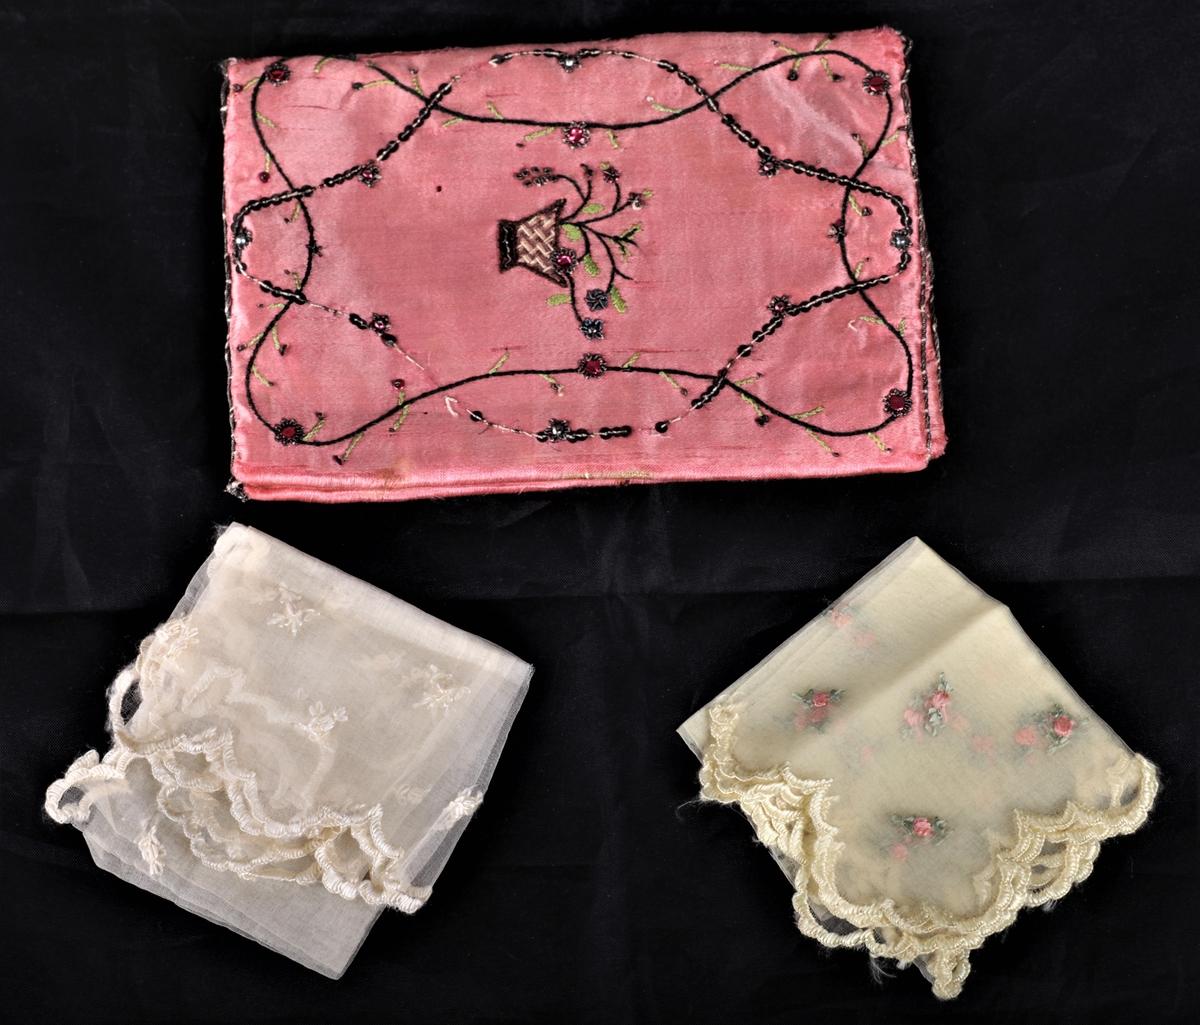 Veske til å oppbevare lommetørkler (også omtalt som mappe). Rosa silke brodert med farget tråd, perler og paljetter. a) veske, b) lommetørkle med rosa broderte blomster, c) lommetørkle med hvite broderte blomster.